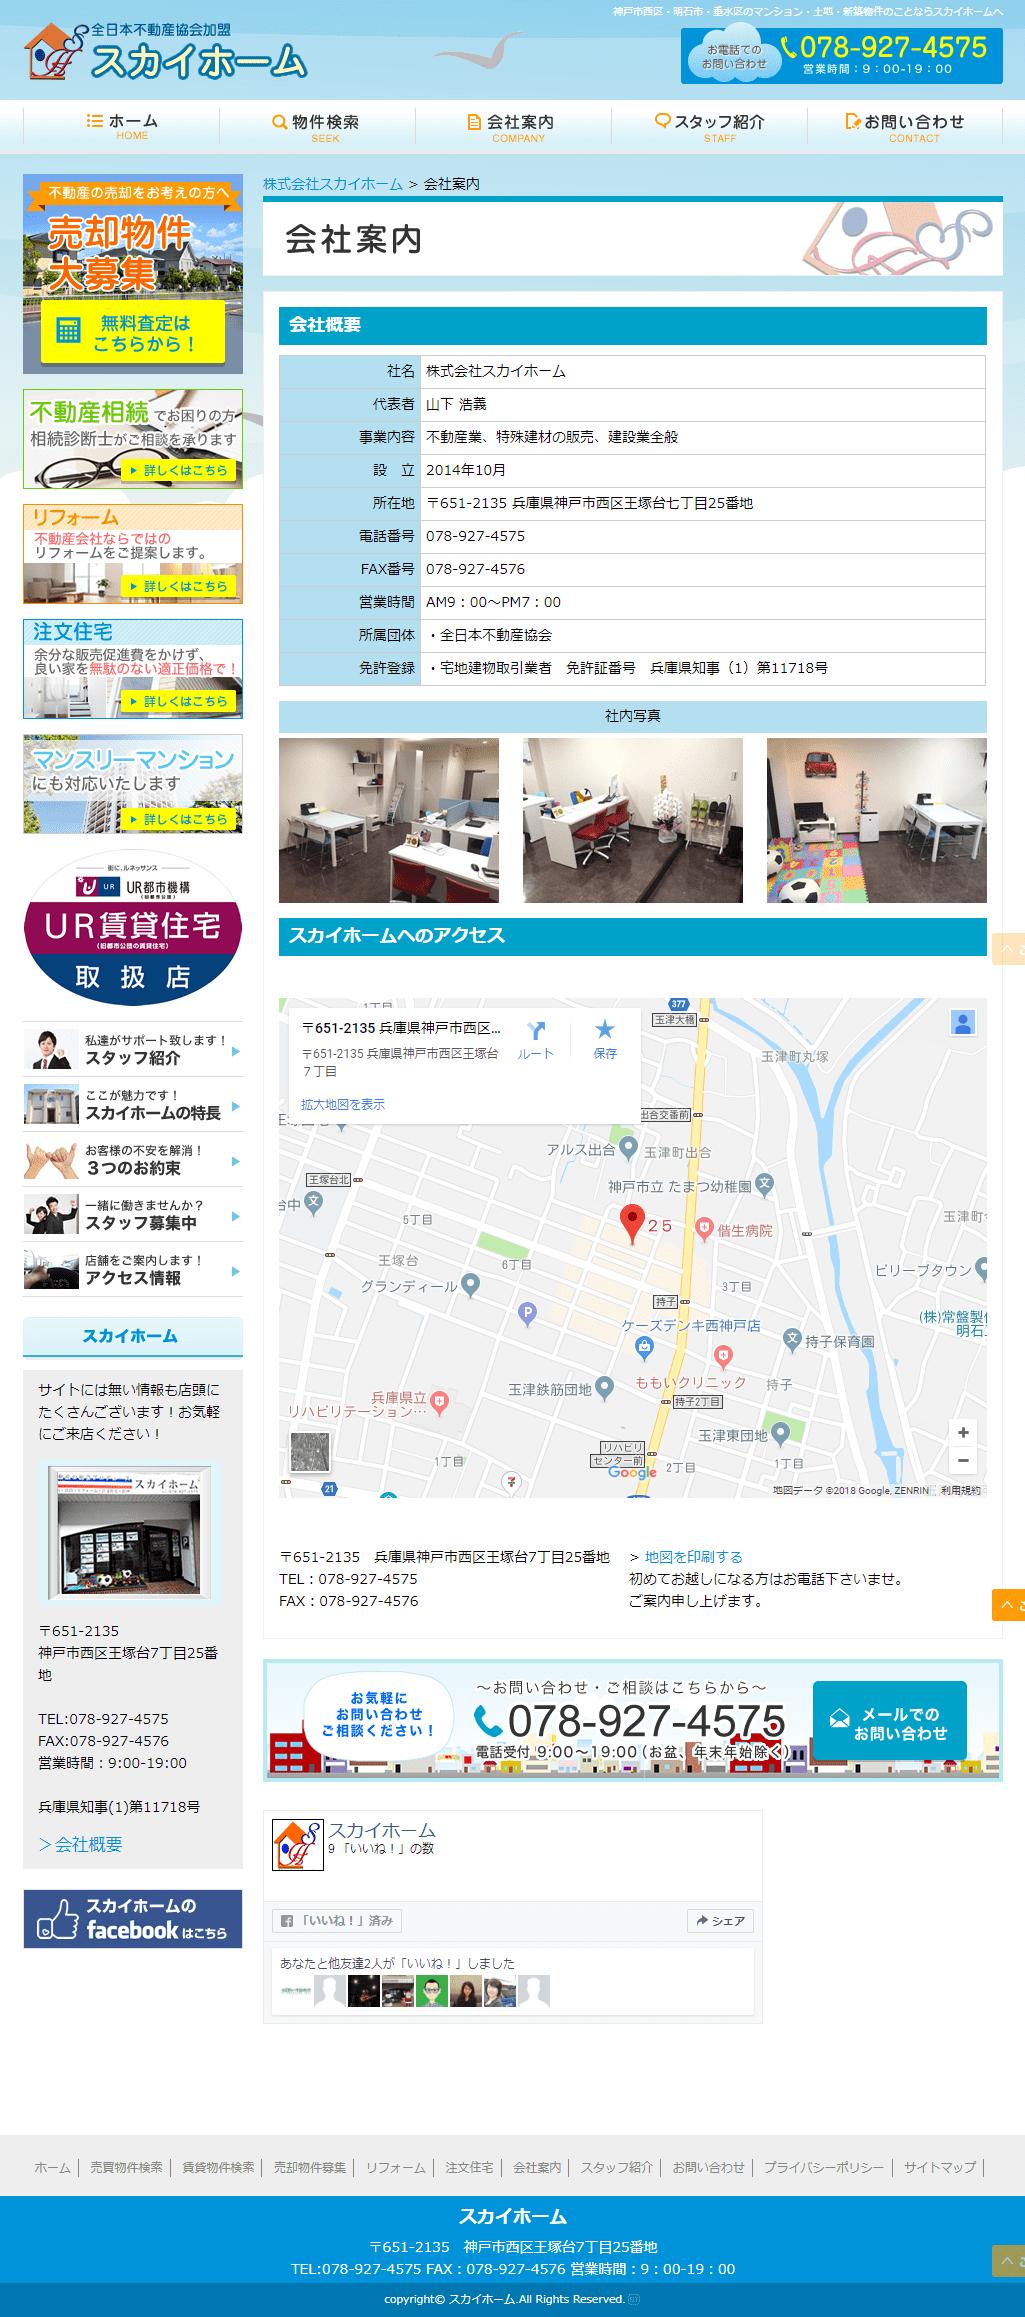 神戸市 株式会社スカイホーム ホームページ制作2